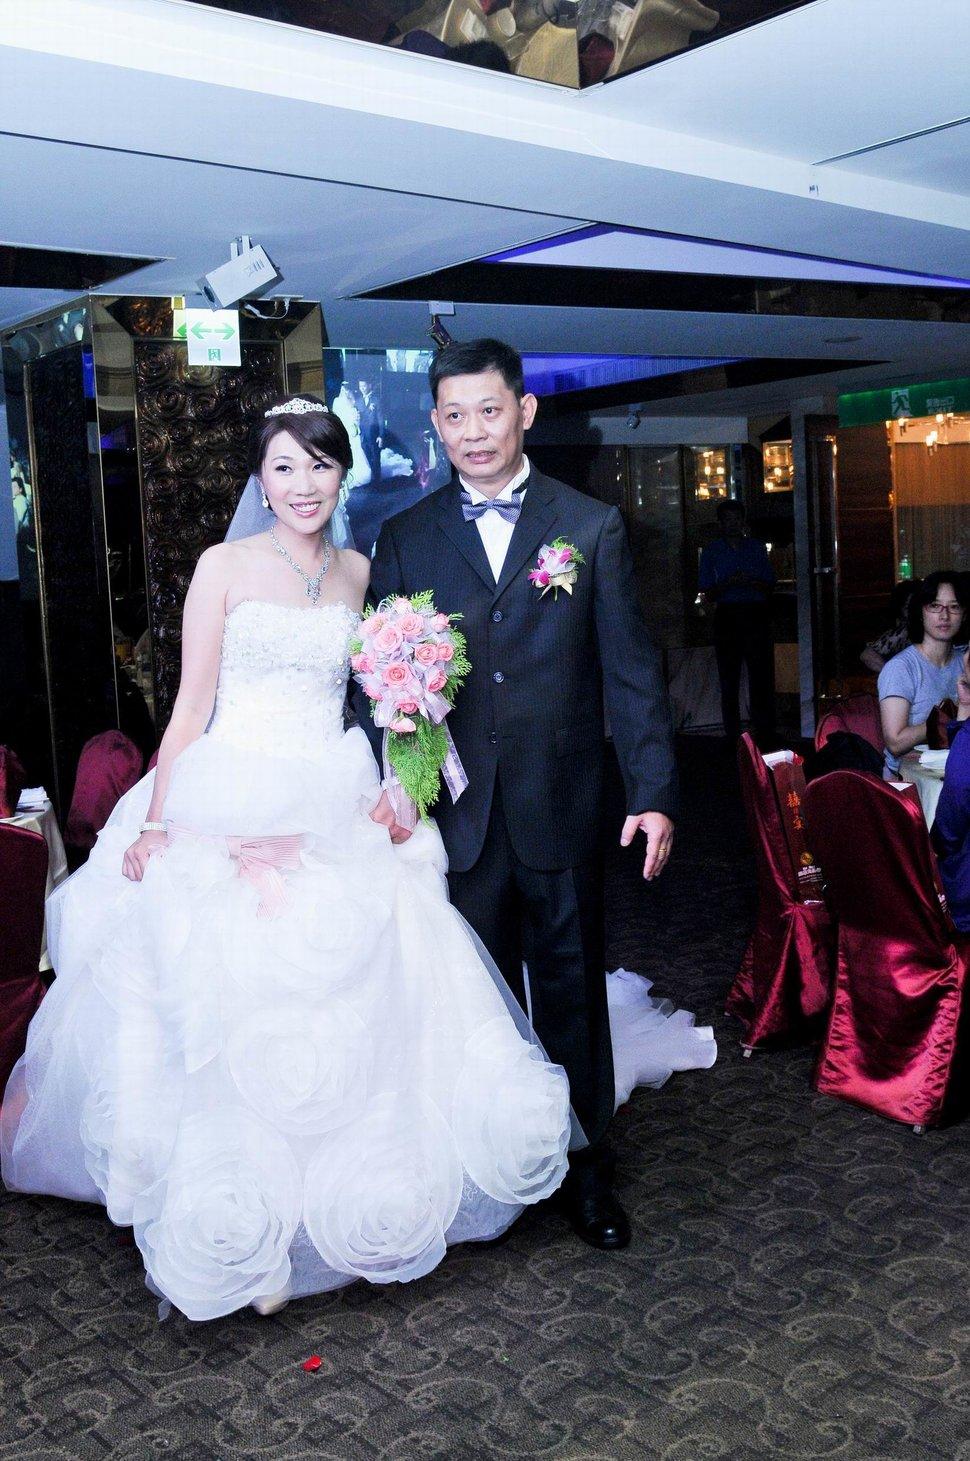 板橋吉立定結餐廳迎娶文定婚禮記錄結婚迎娶婚禮攝影動態微電影錄影專業錄影平面攝影影婚禮主持人(編號:197129) - 蜜月拍照10800錄影12800攝影團隊 - 結婚吧